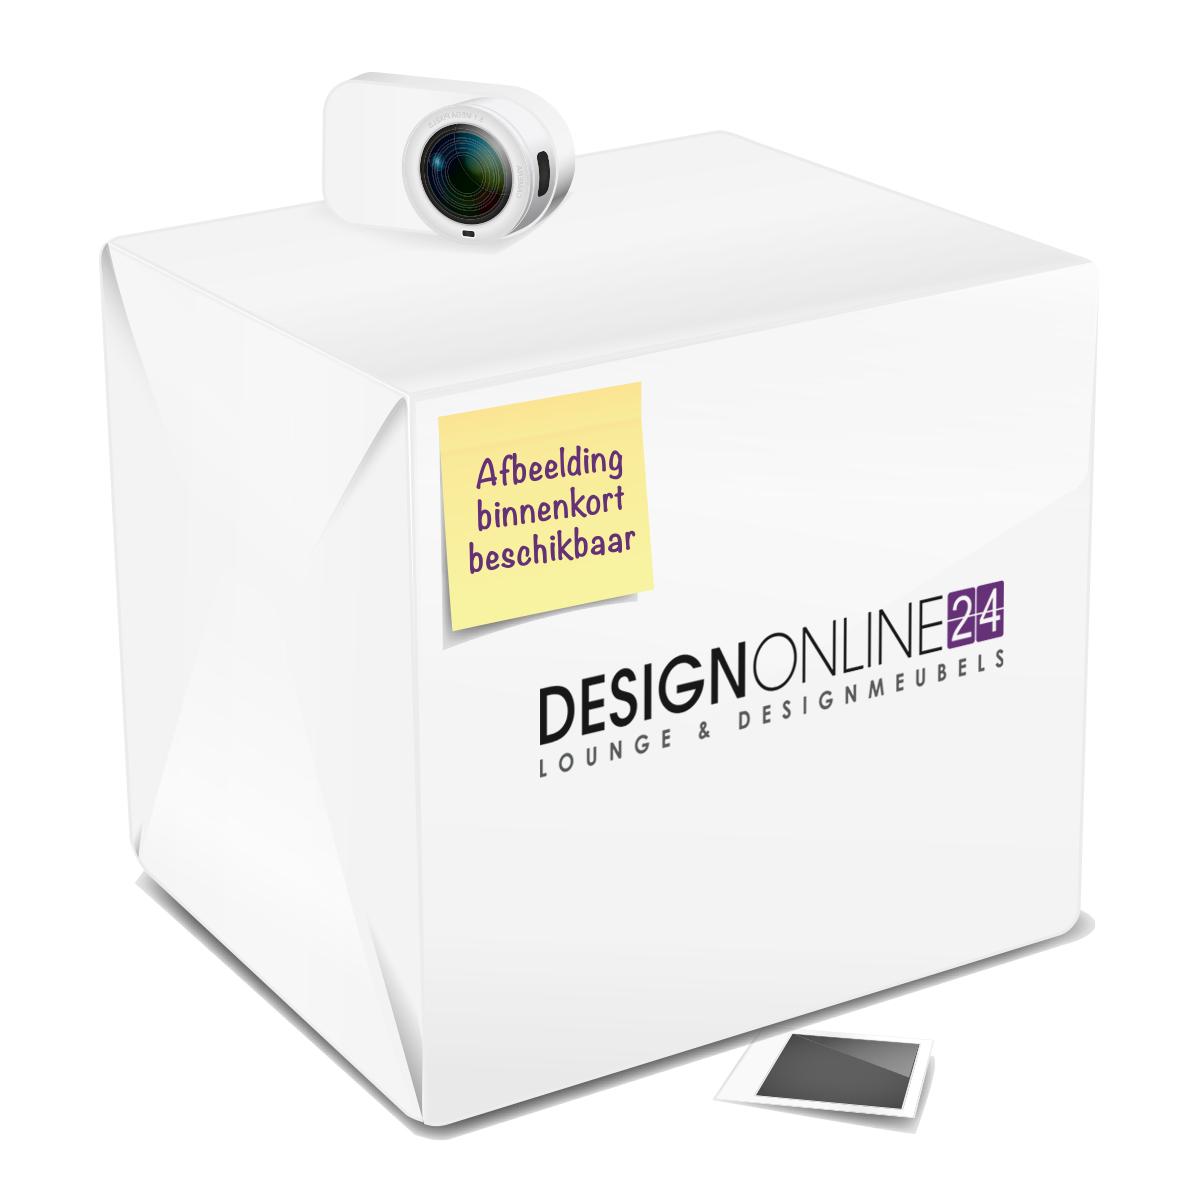 24Designs Loungeset voor 4 Personen - Marina - Zandkleur Polyrattan Wicker met Donkergrijze kussens